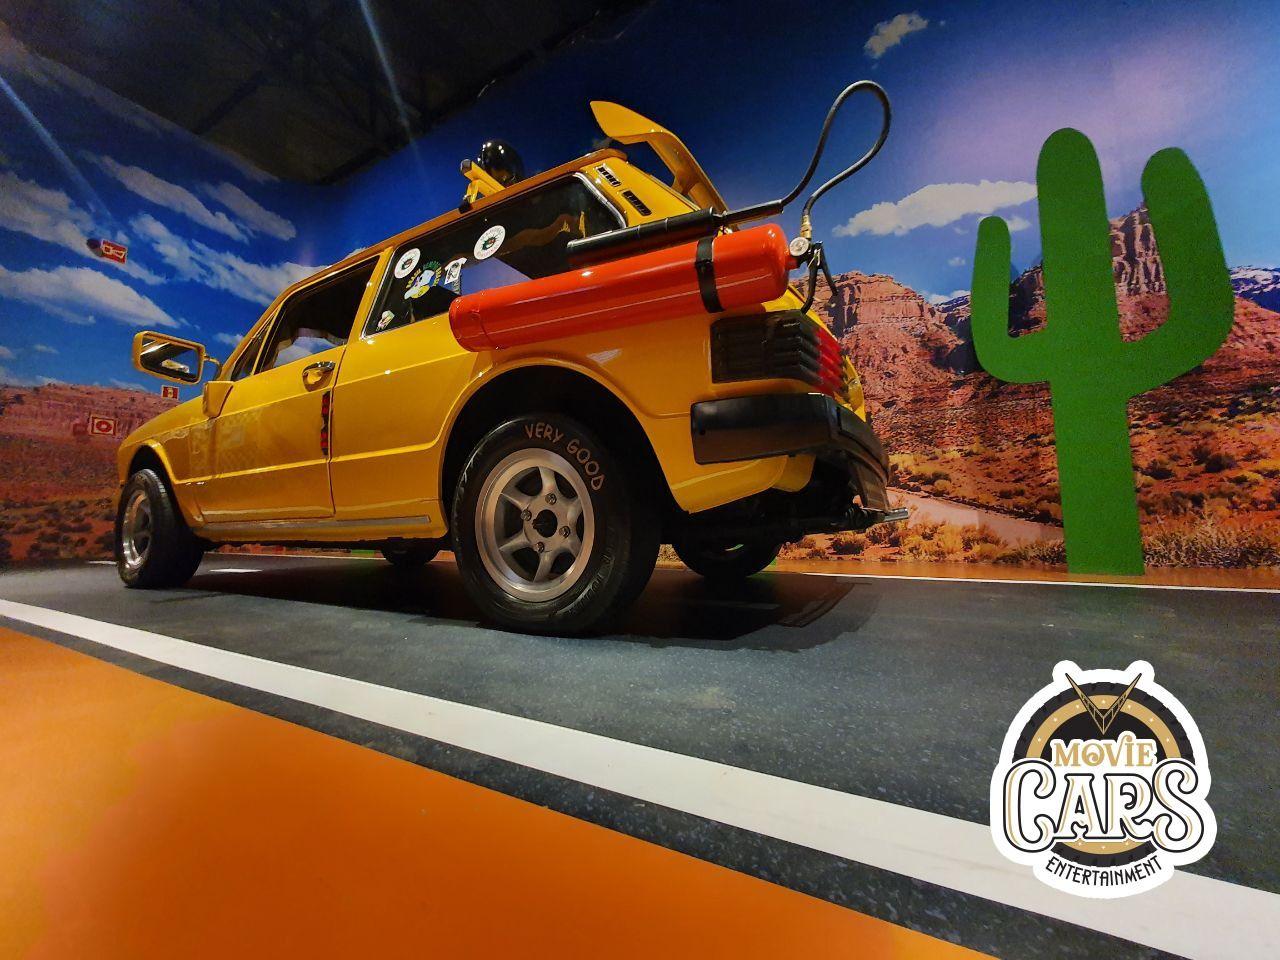 Senário do Movie Cars Entertainment com a brasilia amarela dos Mamonas Assassinas